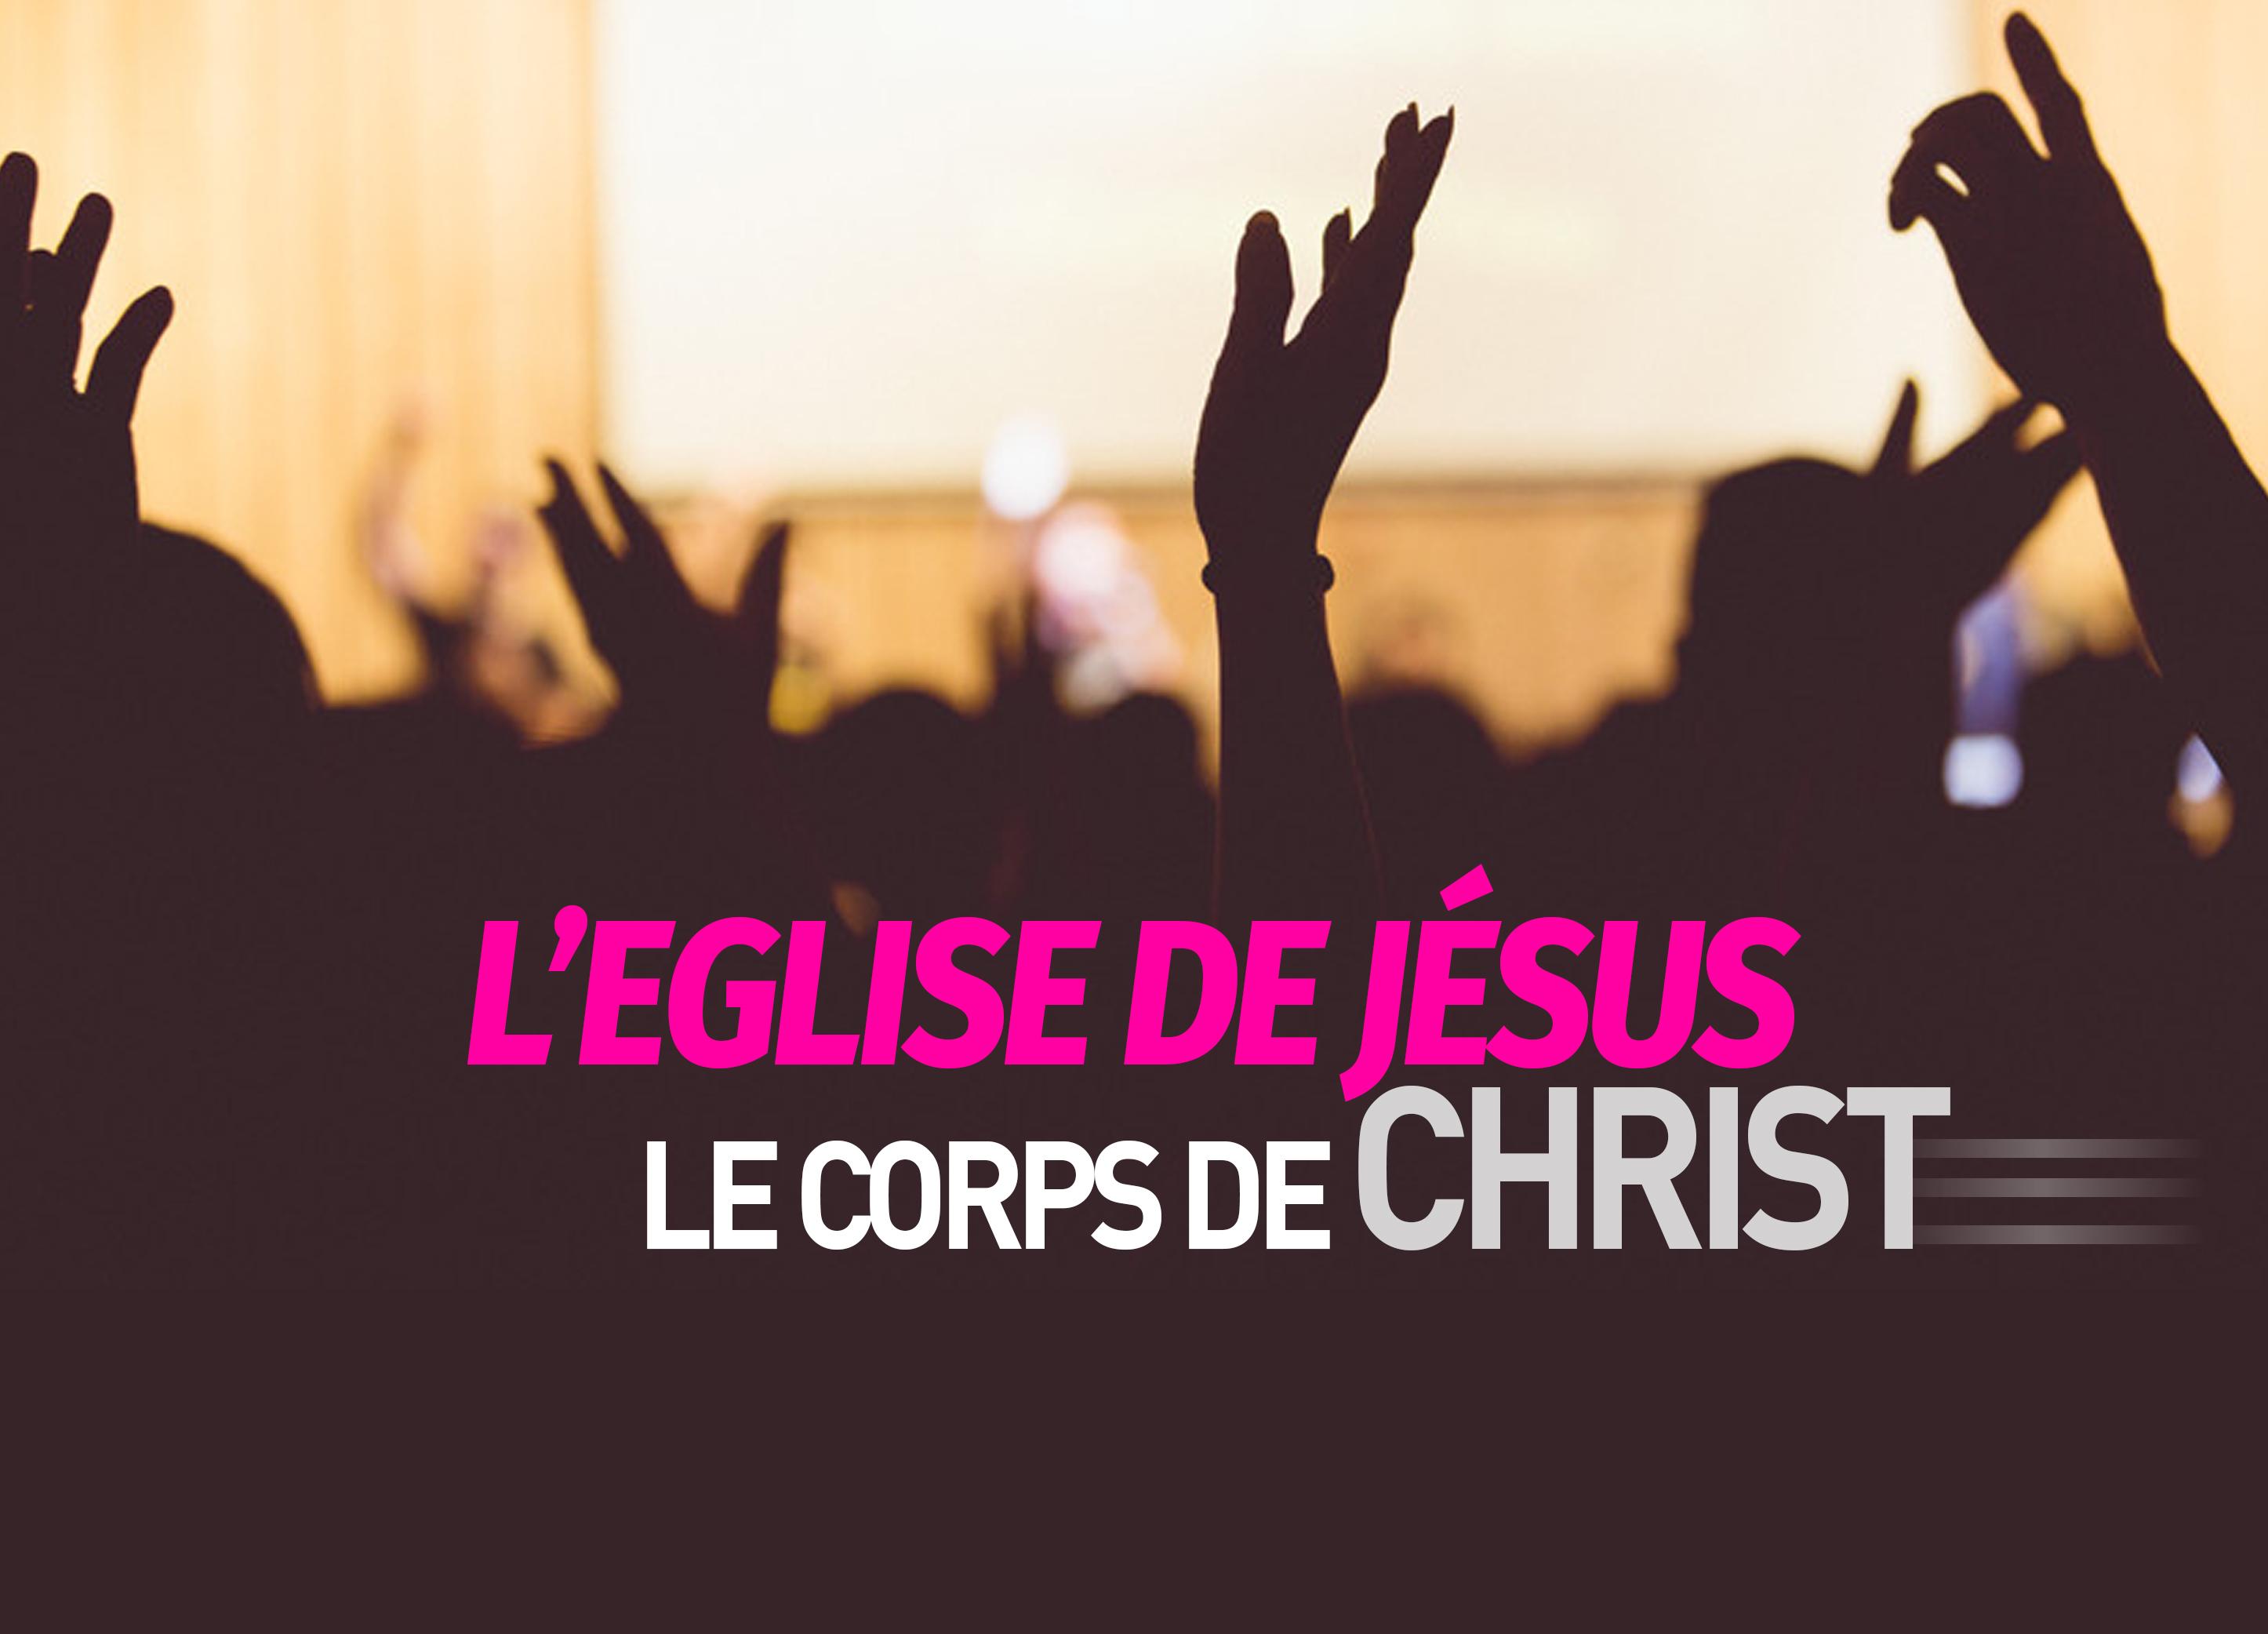 L'église de Jésus, le corps de Christ